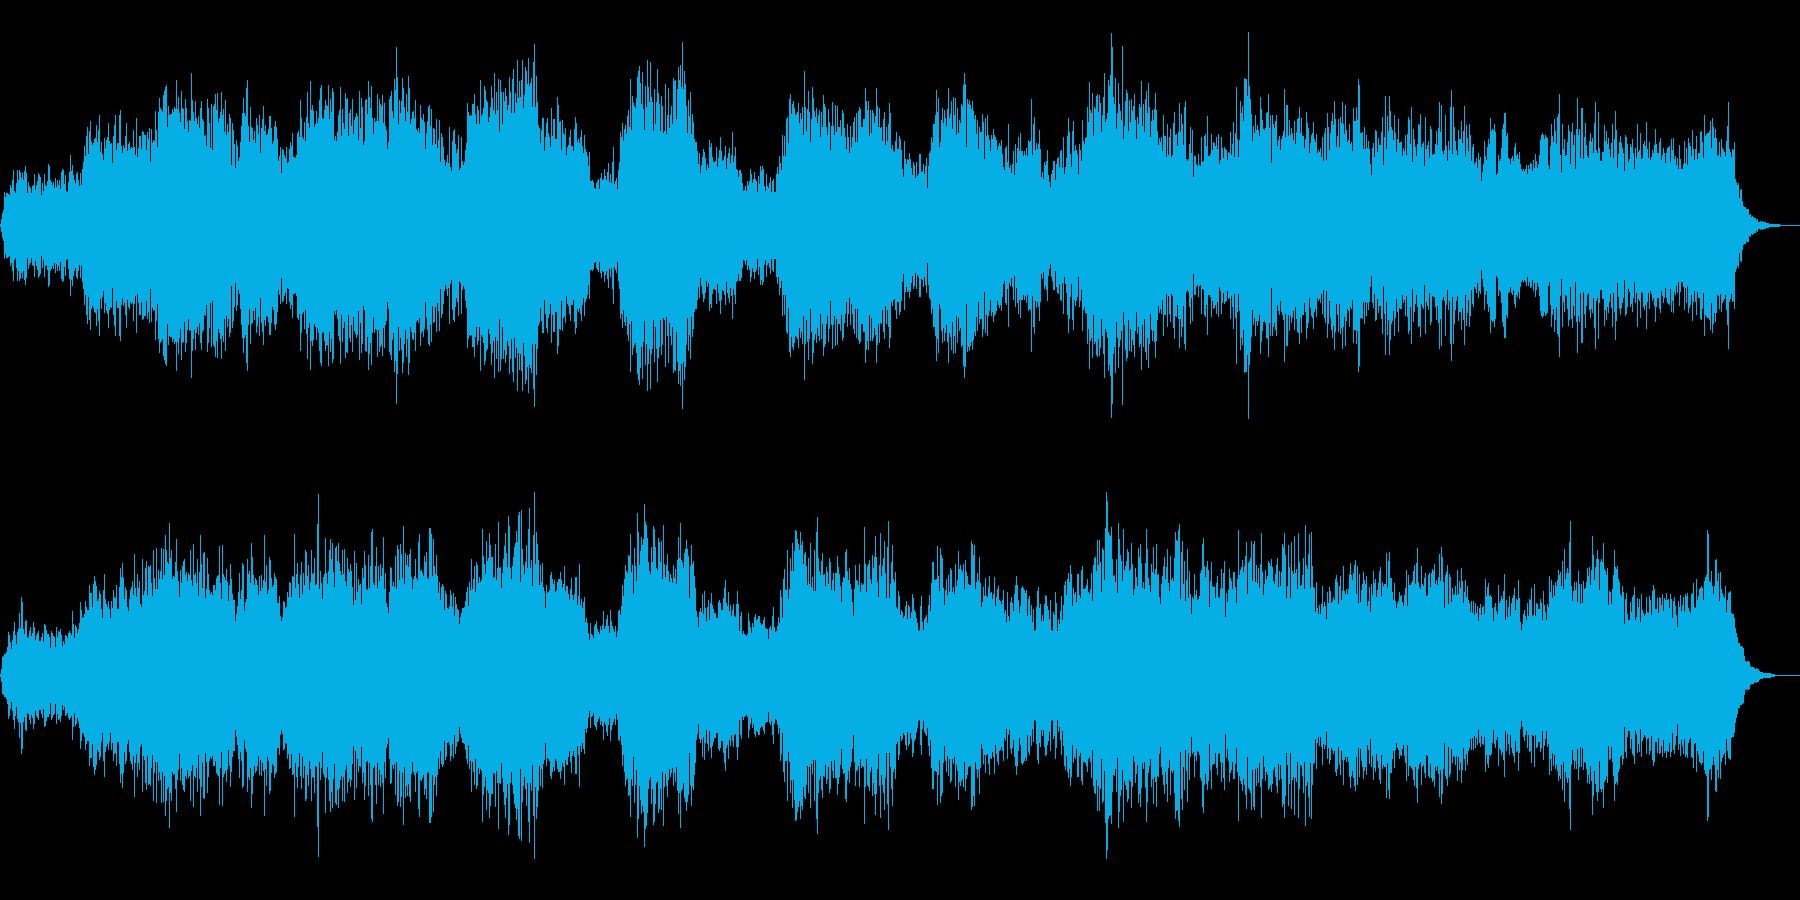 恐怖を演出 ホラー、ミステリアスな合唱の再生済みの波形